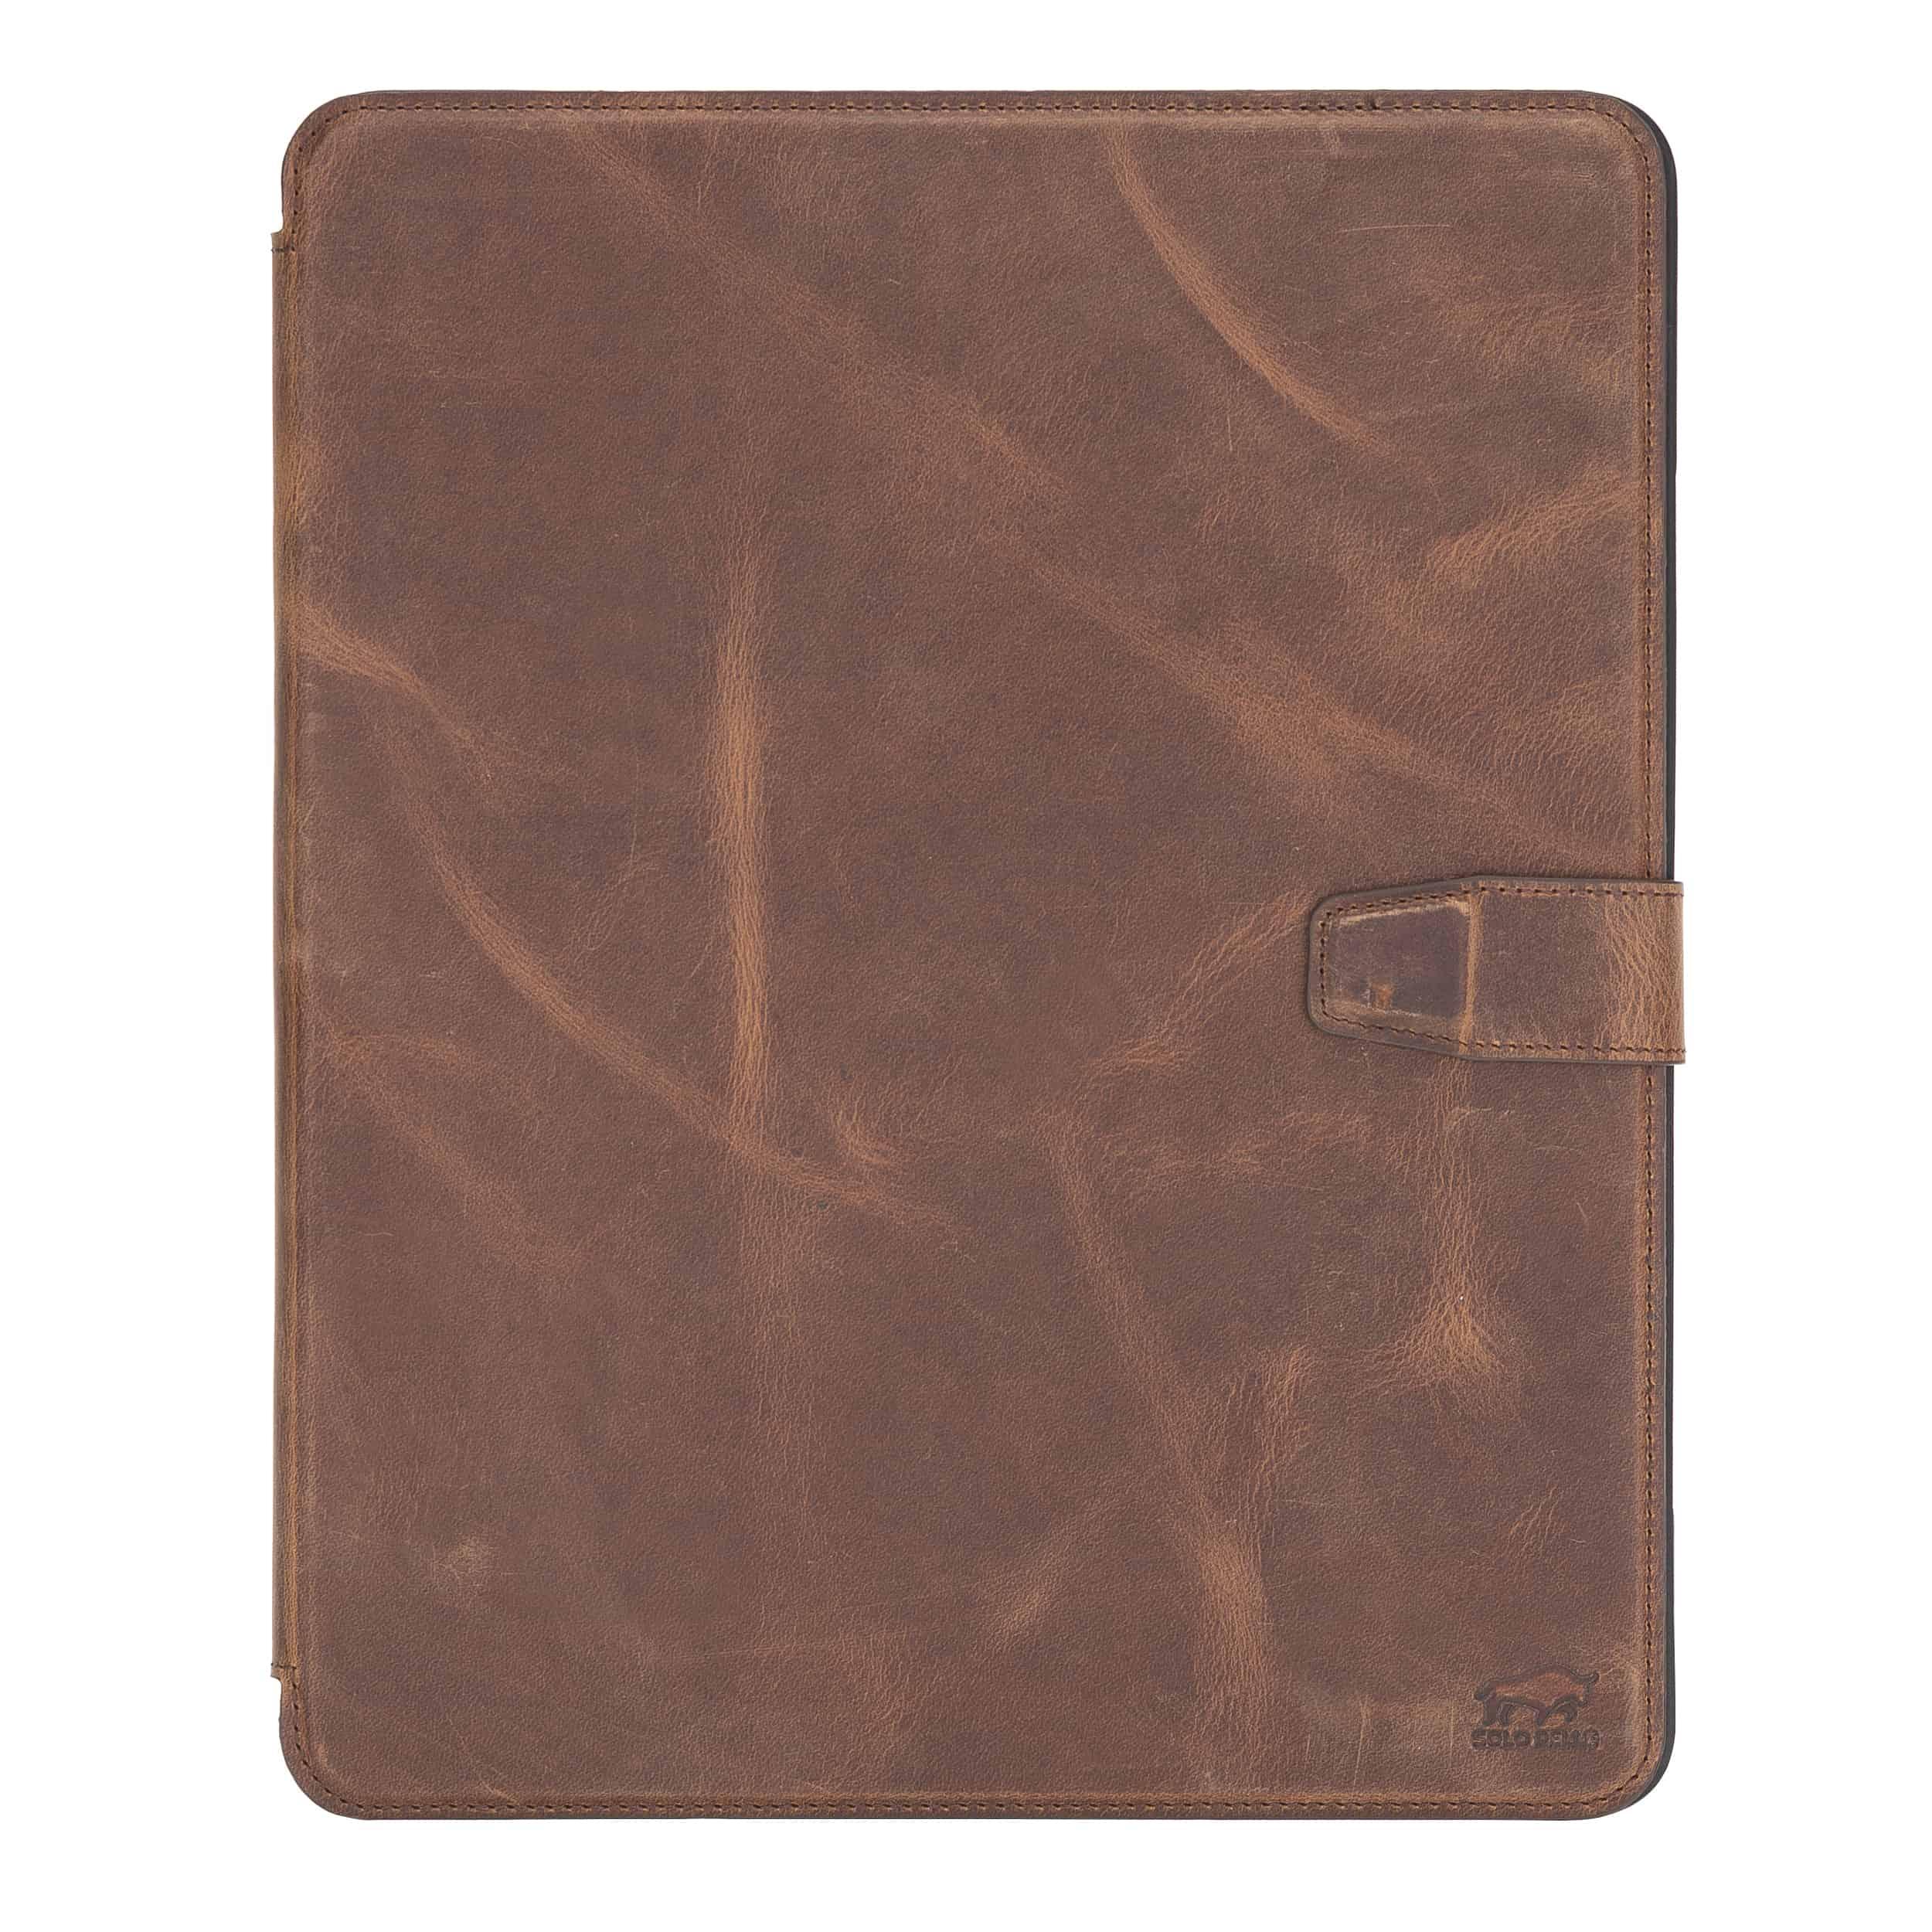 """Solo Pelle magnetische abnehmbare Hülle geeignet für Apple iPad Pro 12,9"""" 2020 Hülle Echtleder Case aus echtem Leder. Unterstützt Pencil 2 und magnetisches Laden (Vintage Braun)"""